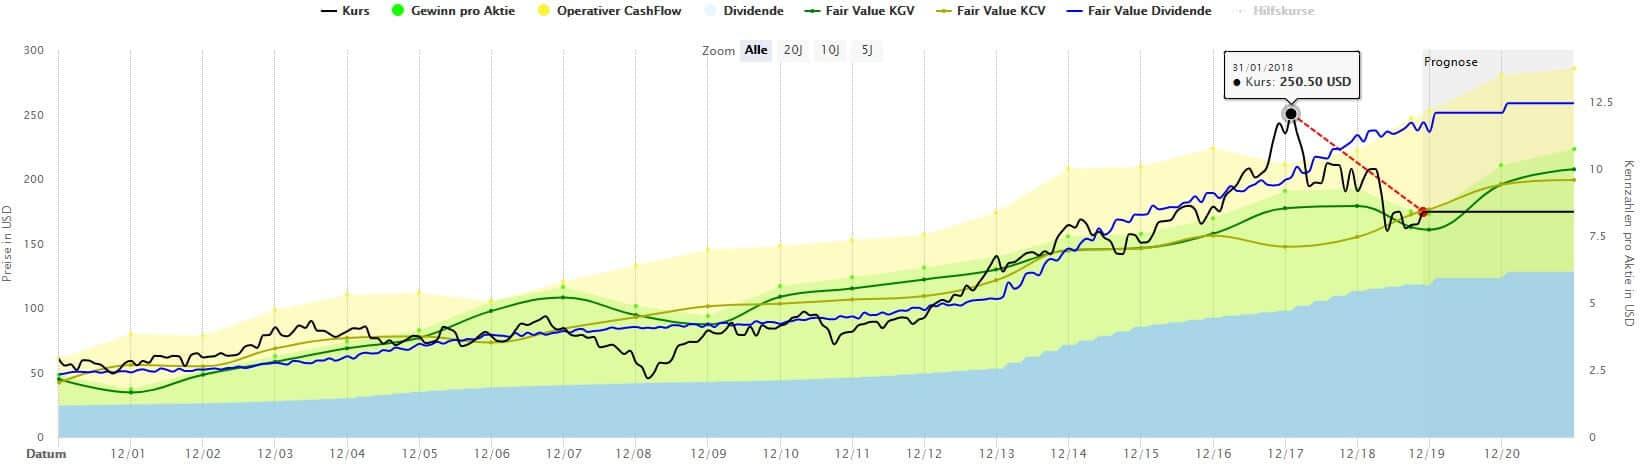 Berechnungen des fairen Wertes einer Aktie inklusive erwarteter Rendite